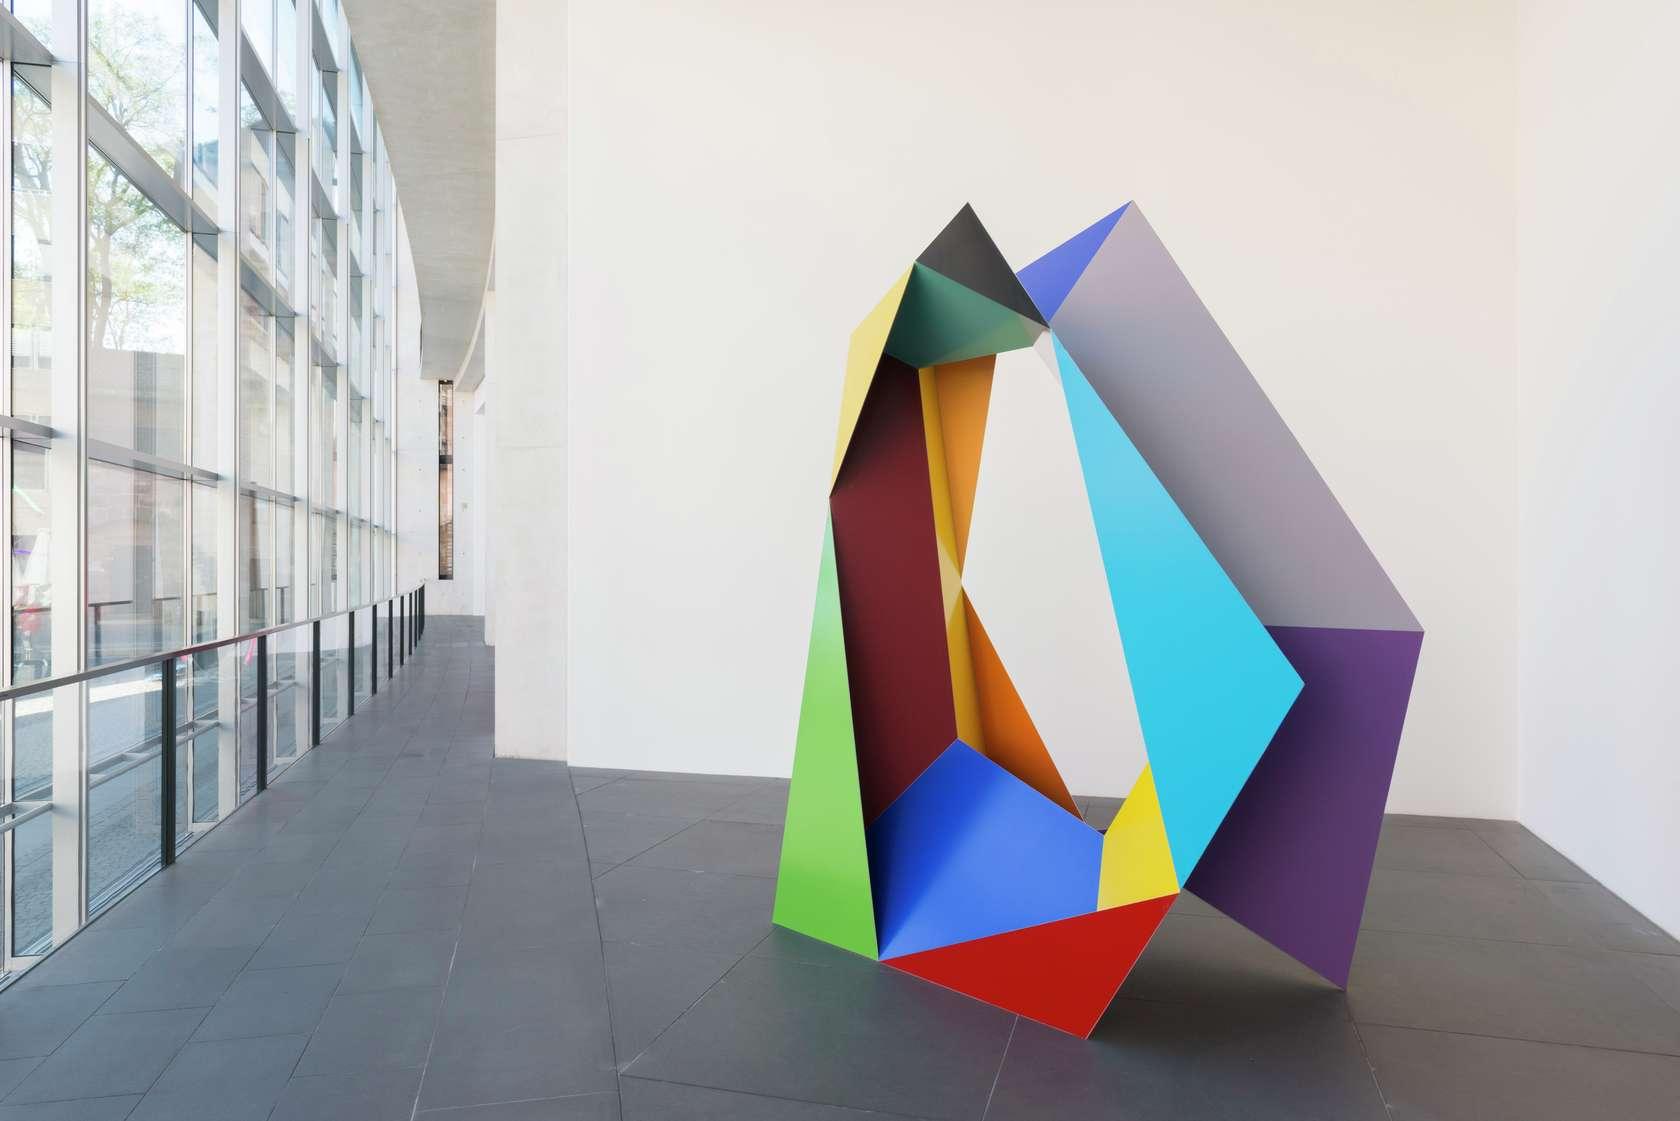 Beat Zoderer Licht und Leere Neues Museum, Staatliches Museum für Kunst und Design, Nuremberg (DE) 21 septembre 2018 — 27 janvier 2019